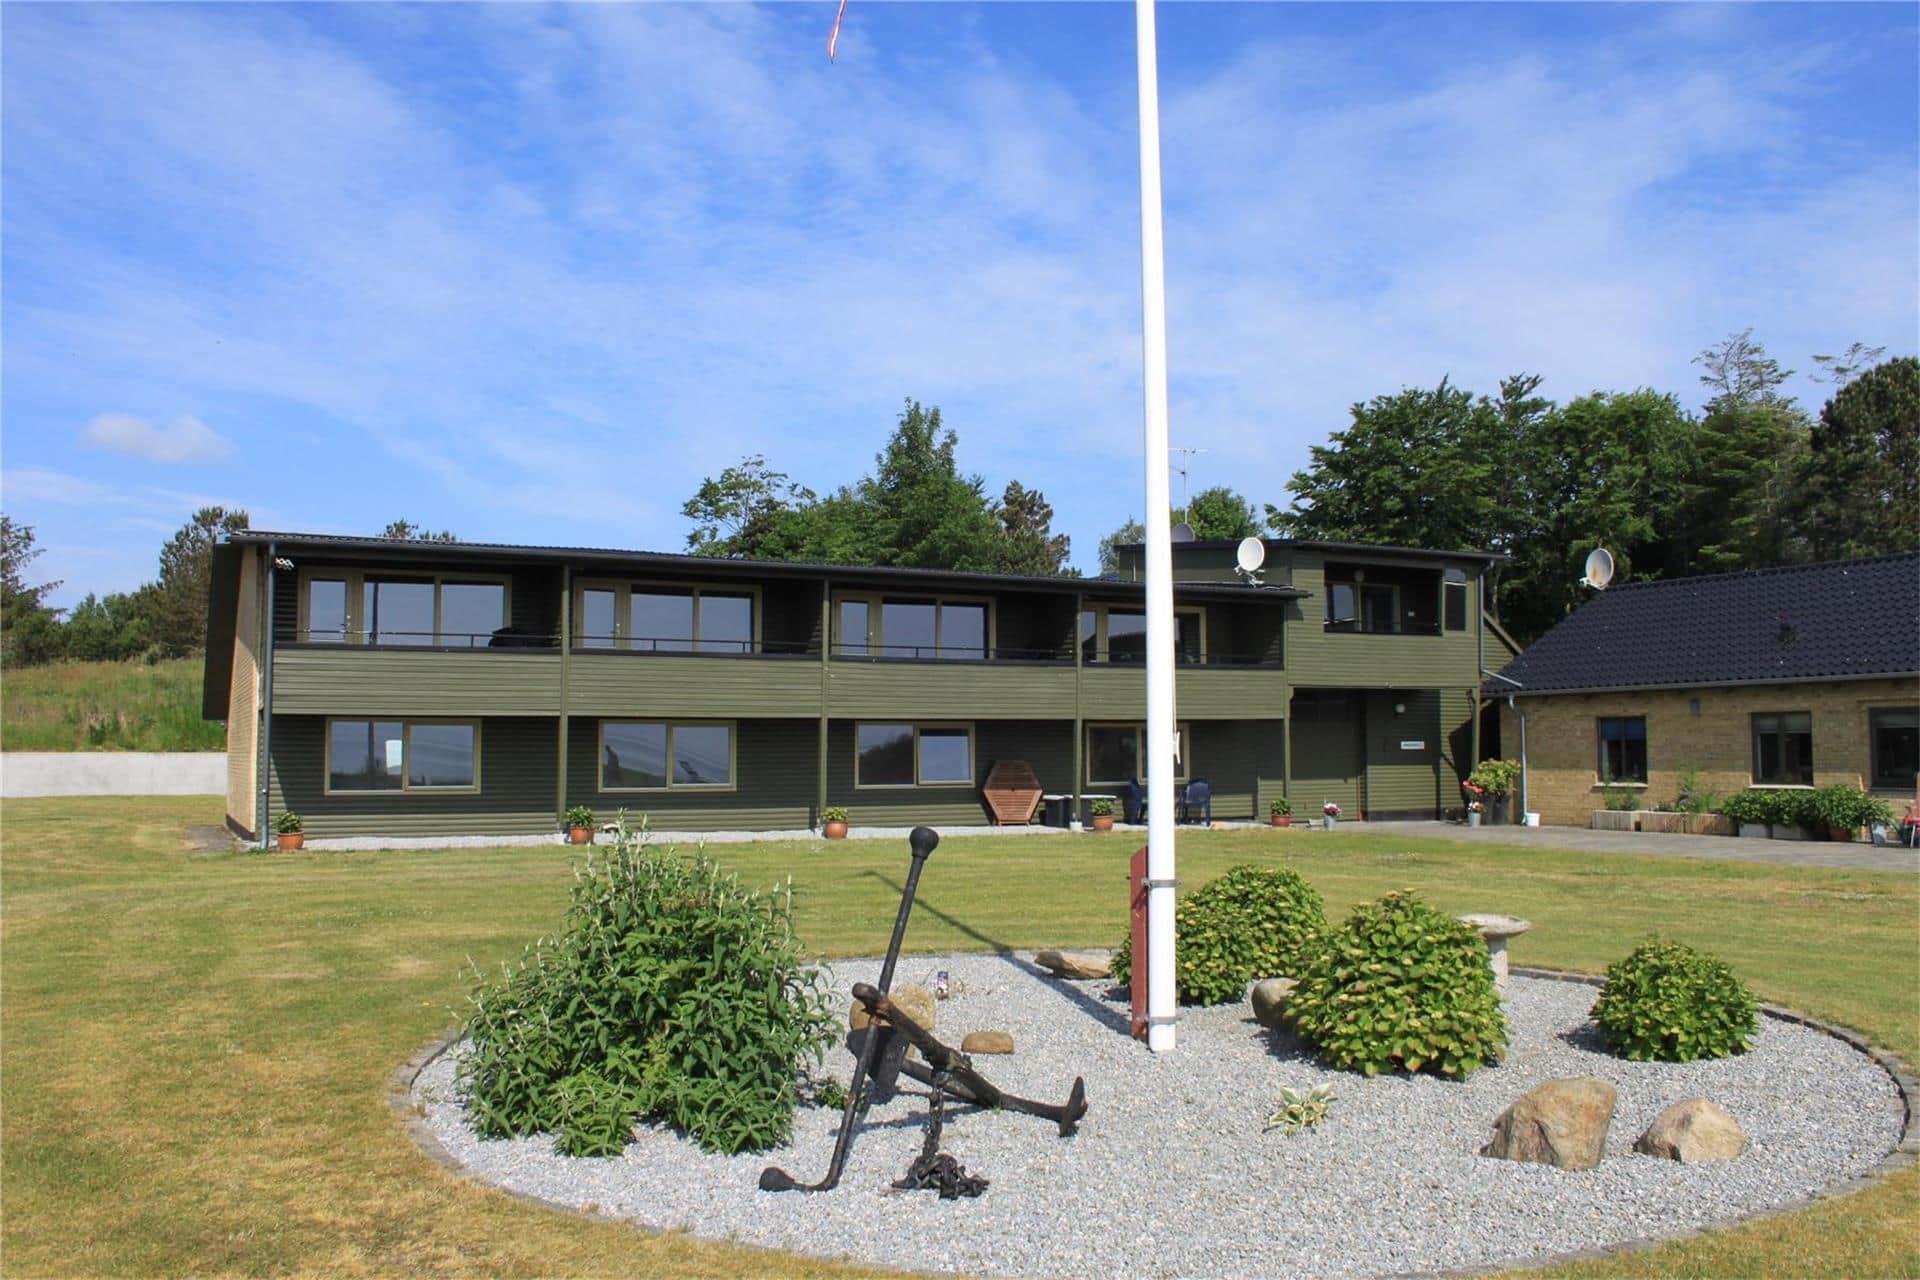 Bild 1-3 Ferienhaus L15226, Jelsevej 255, DK - 7840 Højslev